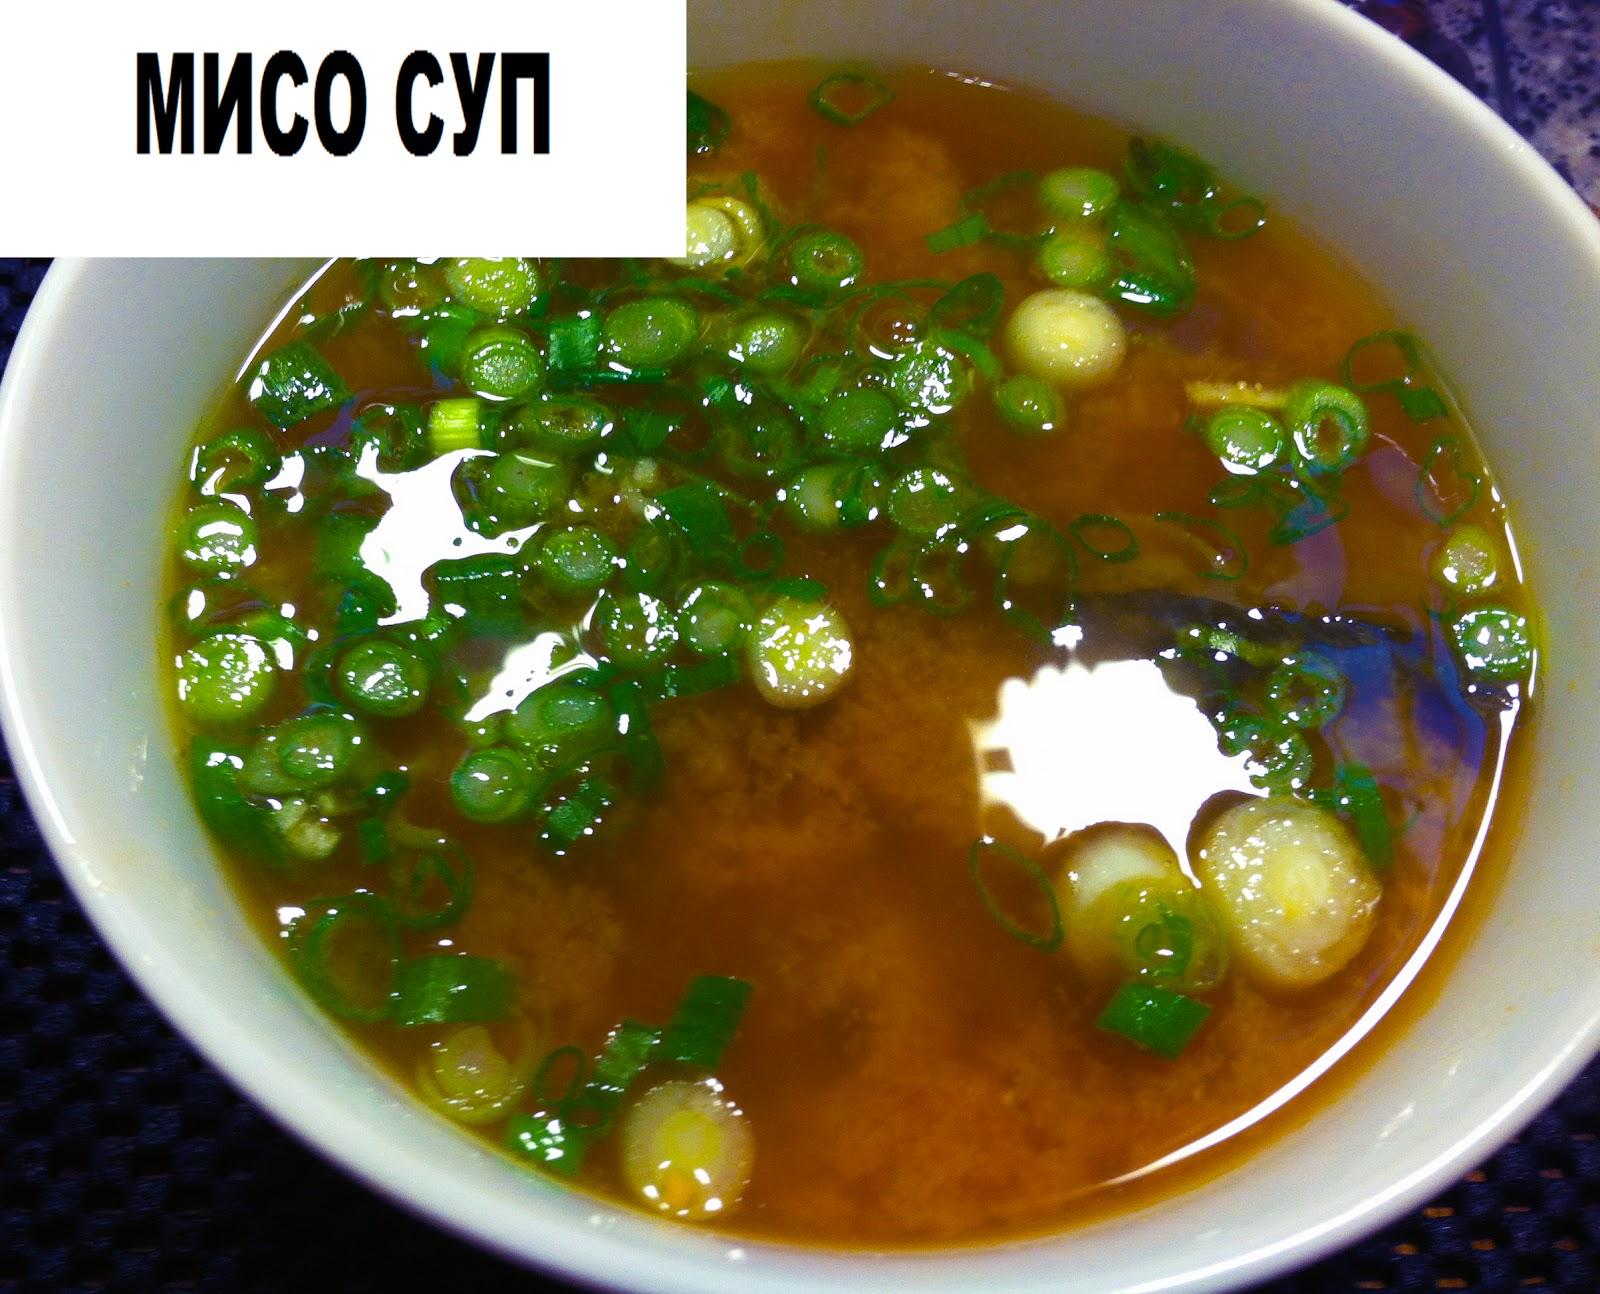 наносить духи суп мисо рецепт от юлии высоцкой такое